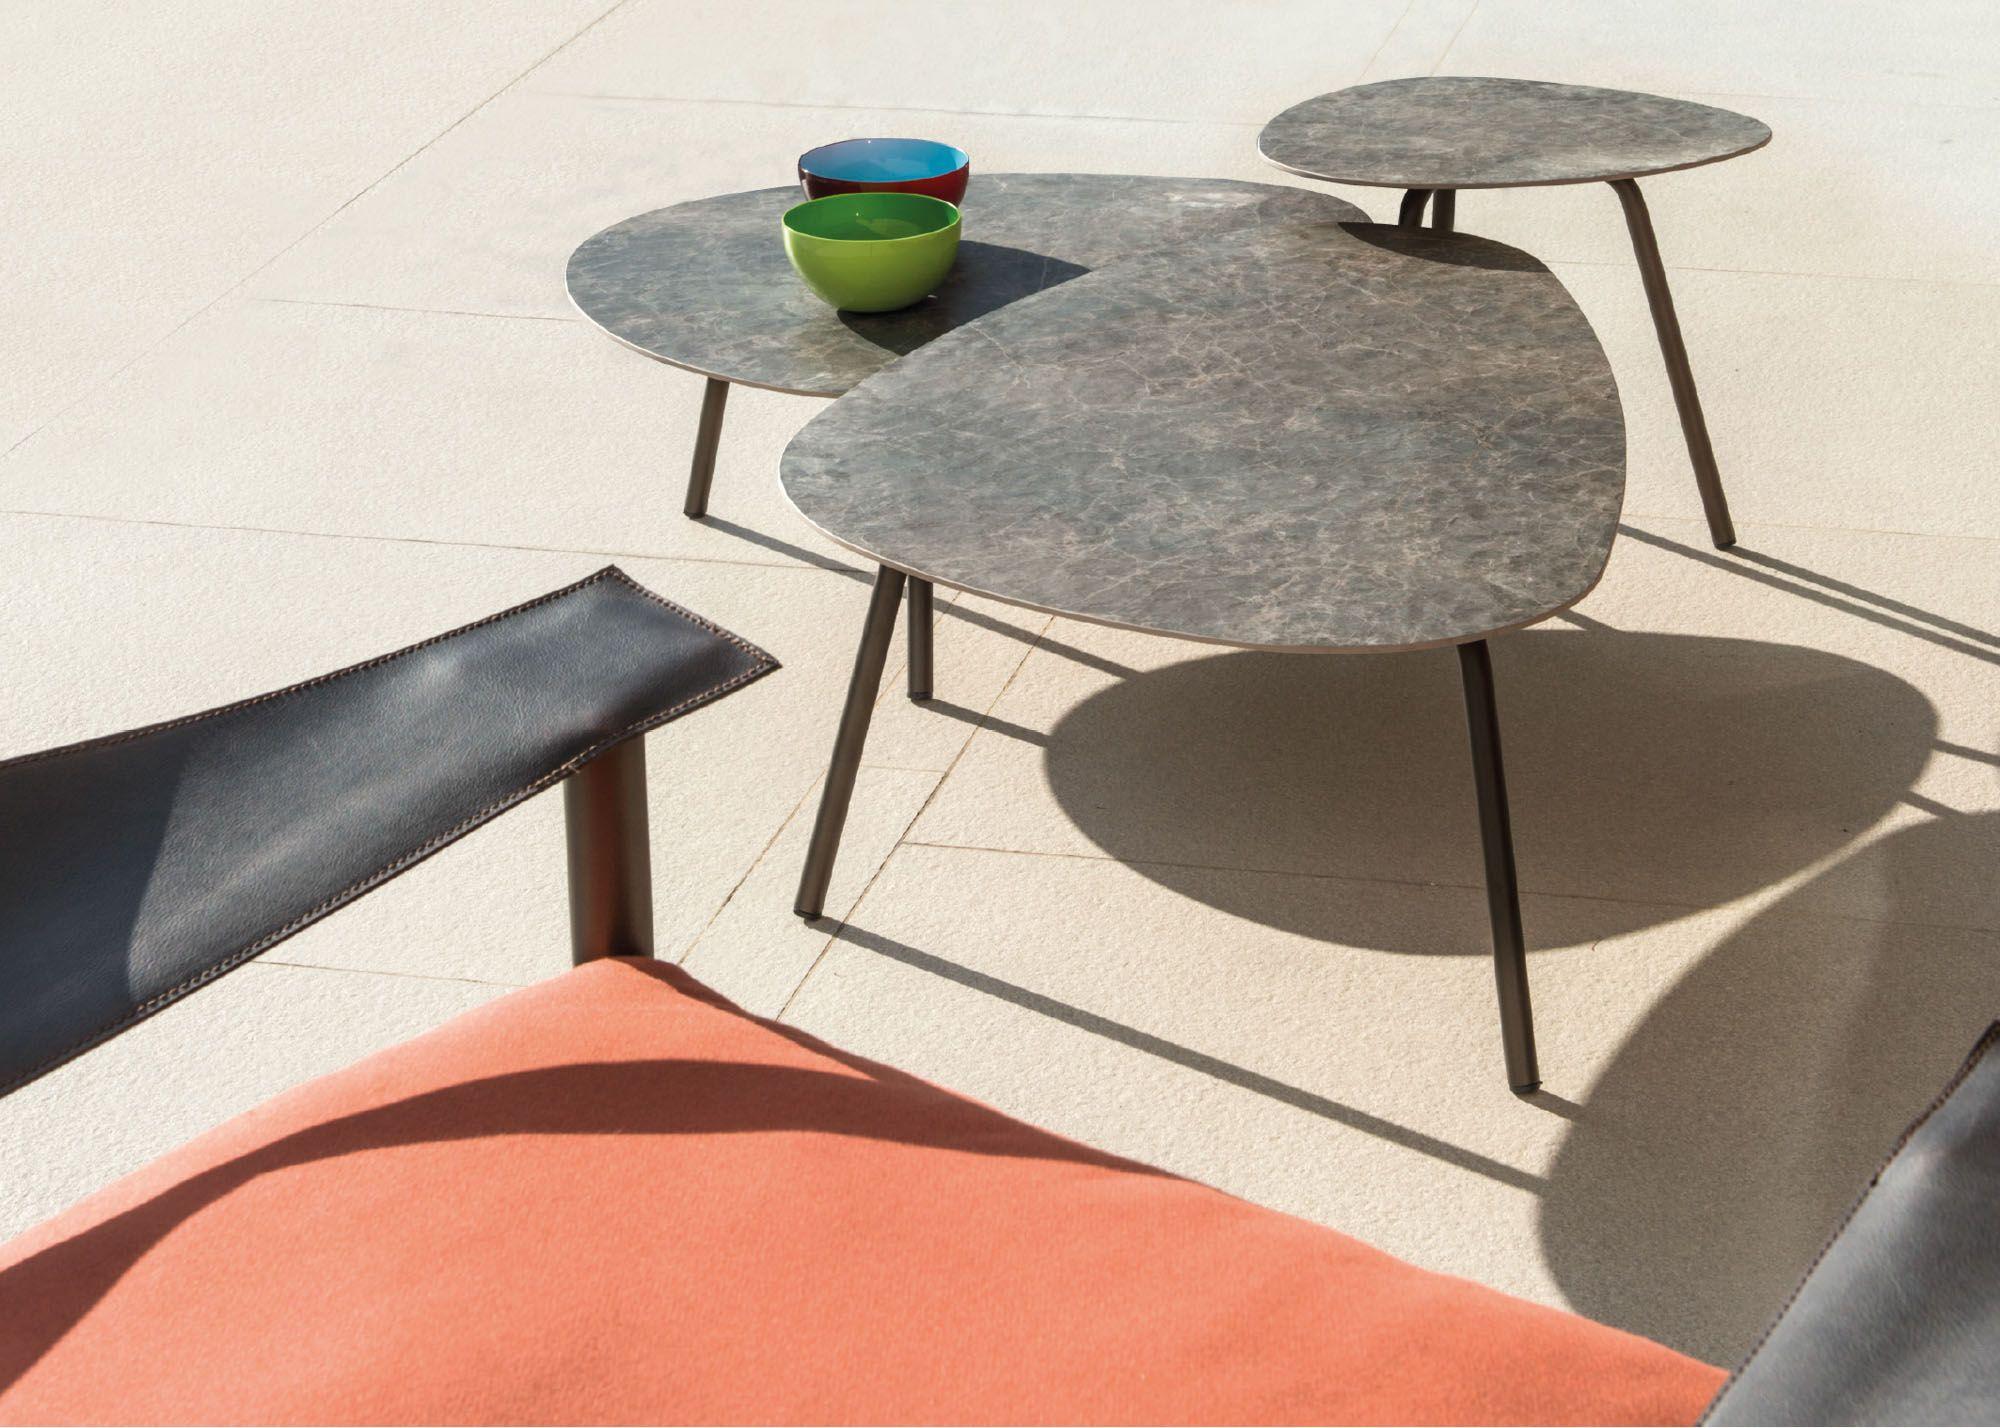 7004e7a4559fa4011b7b273111d77207 Luxe De Mini Table Basse Concept